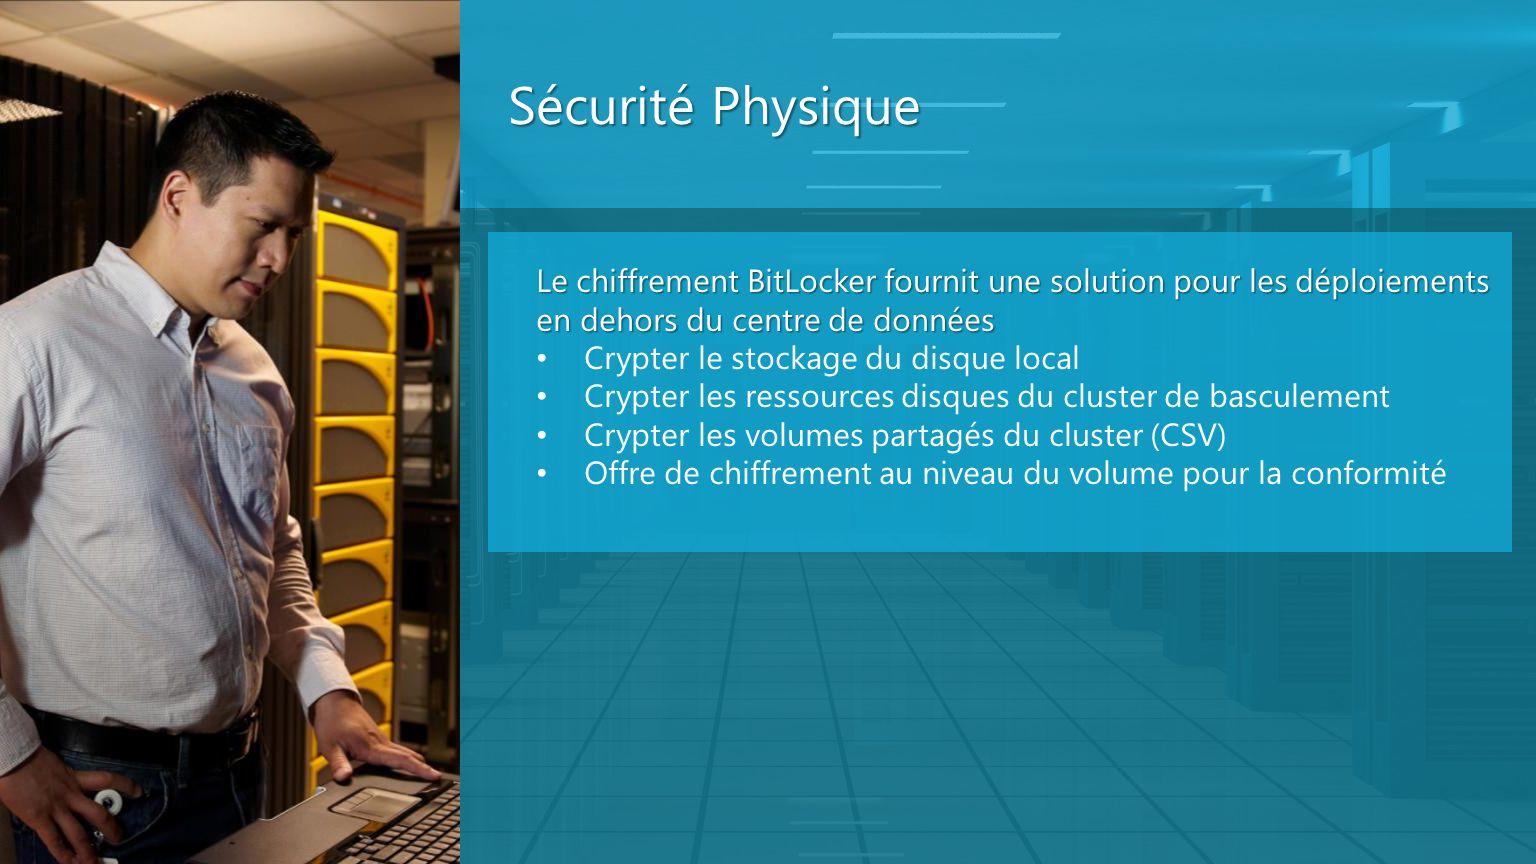 Sécurité Physique Le chiffrement BitLocker fournit une solution pour les déploiements en dehors du centre de données.